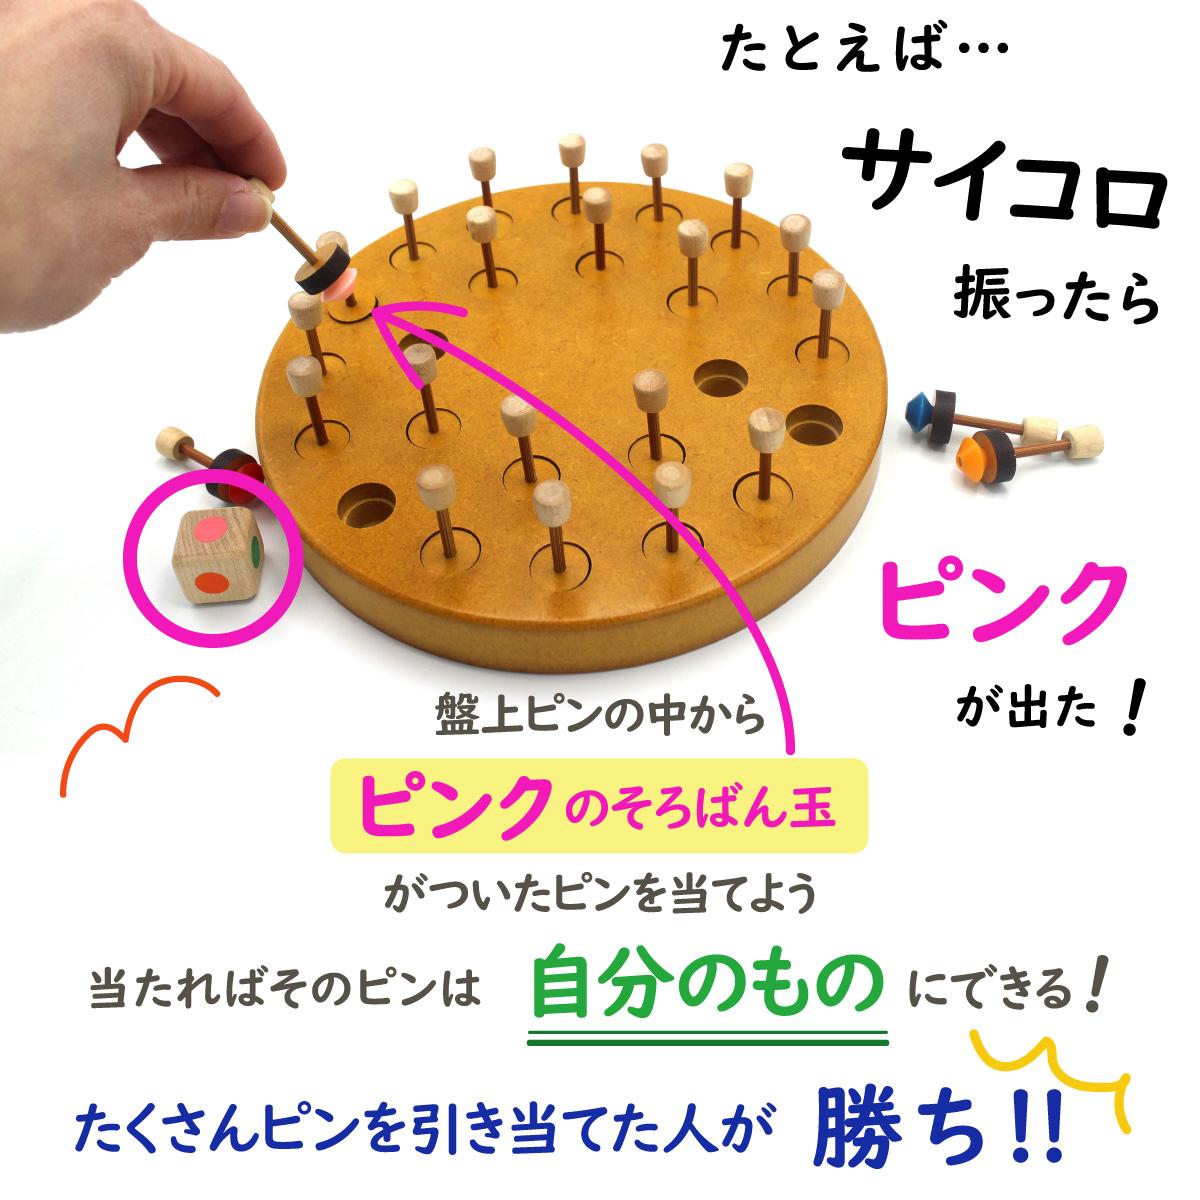 ロバンゲームダイちゃんの紹介ー1